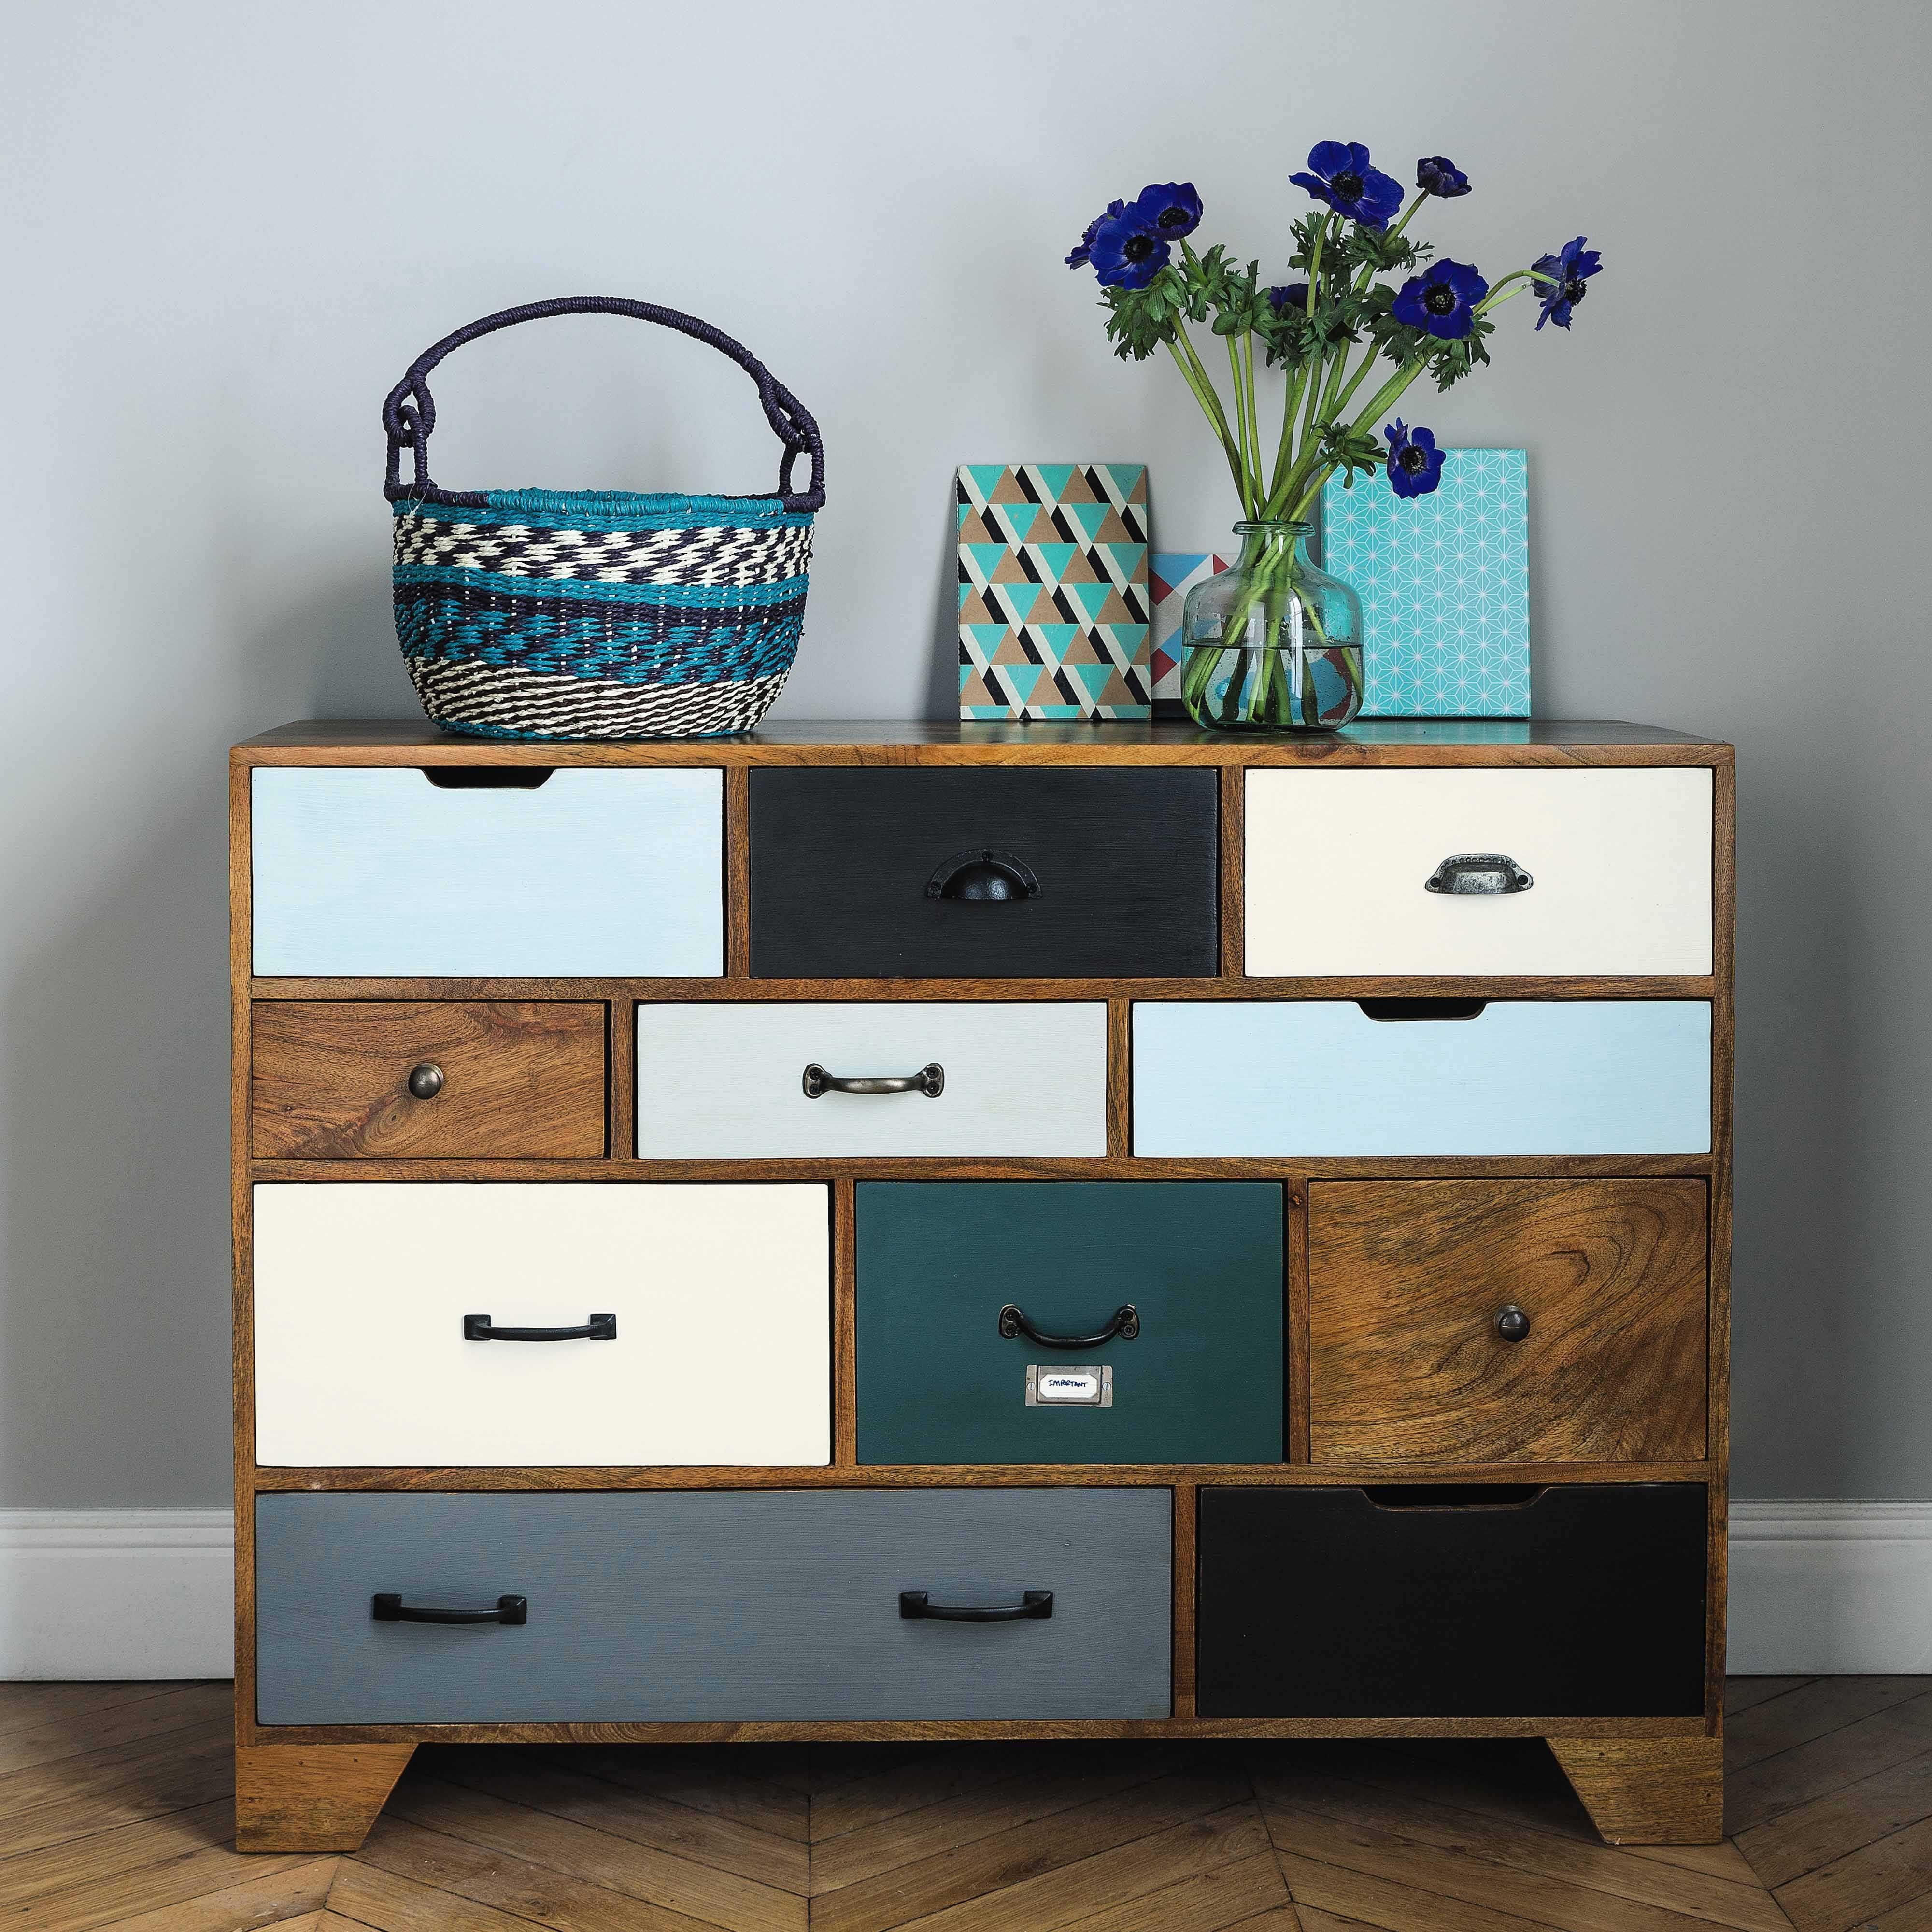 Schubladenmobel Im Vintage Stil Aus Massivem Mangoholz B 114 Cm Picadilly Maisons Du Monde Vintage Cabinets Rustic Furniture Design Rustic Style Furniture